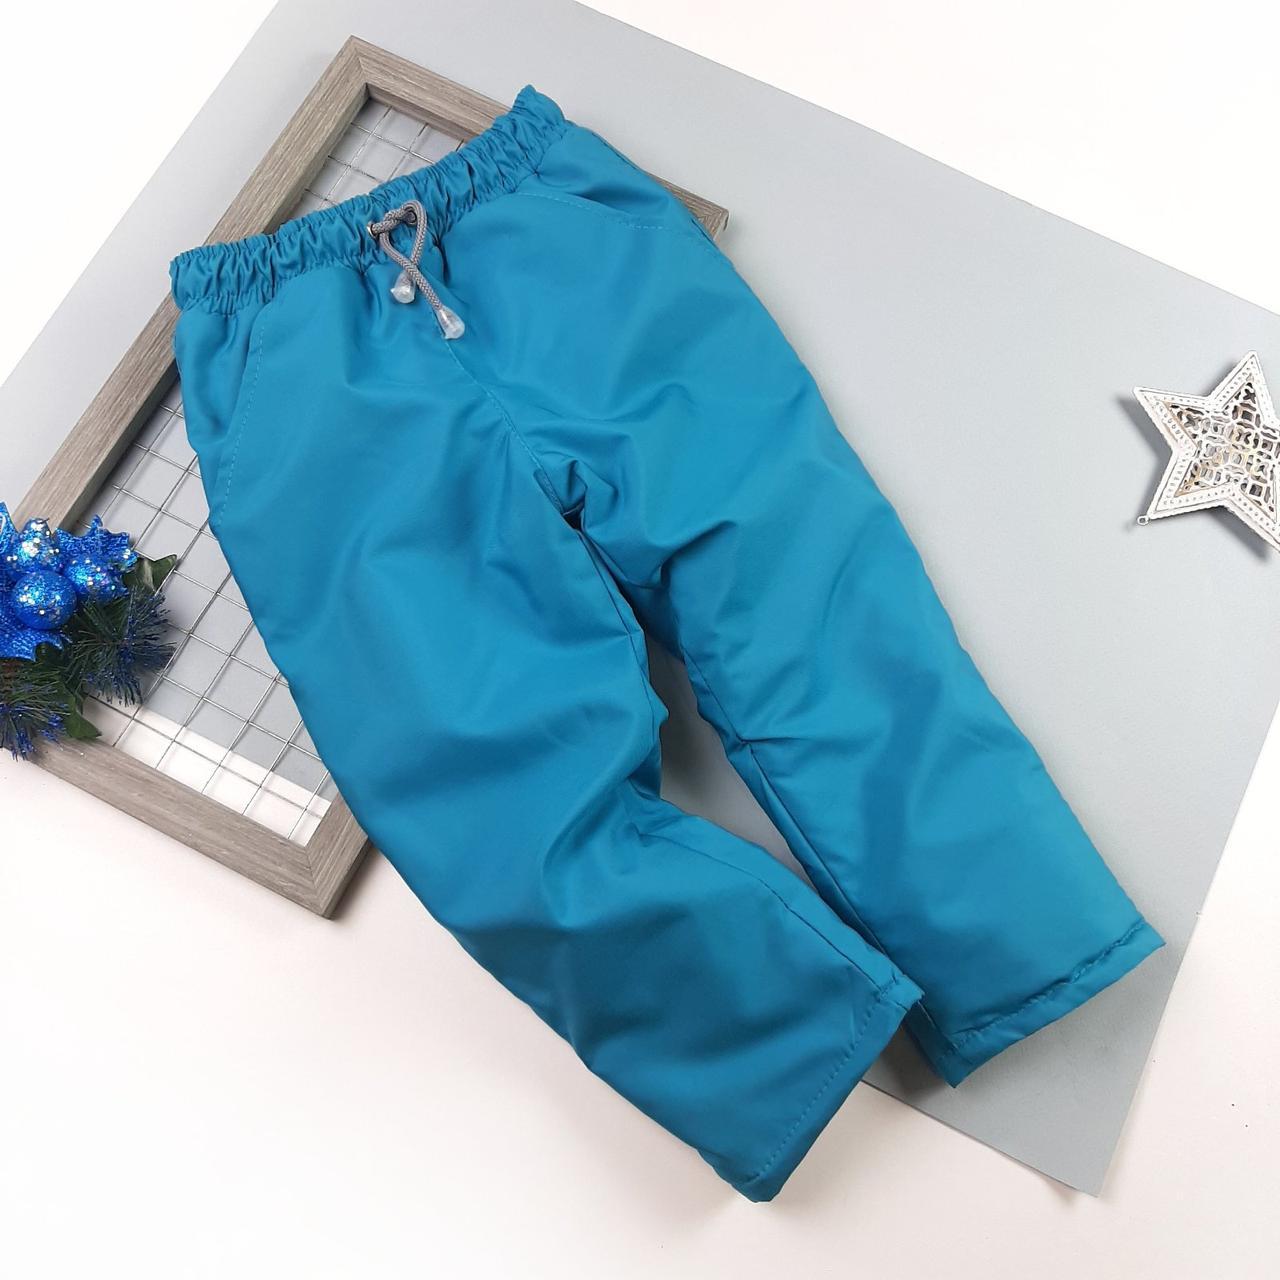 Зимові штани на холософте 92,98